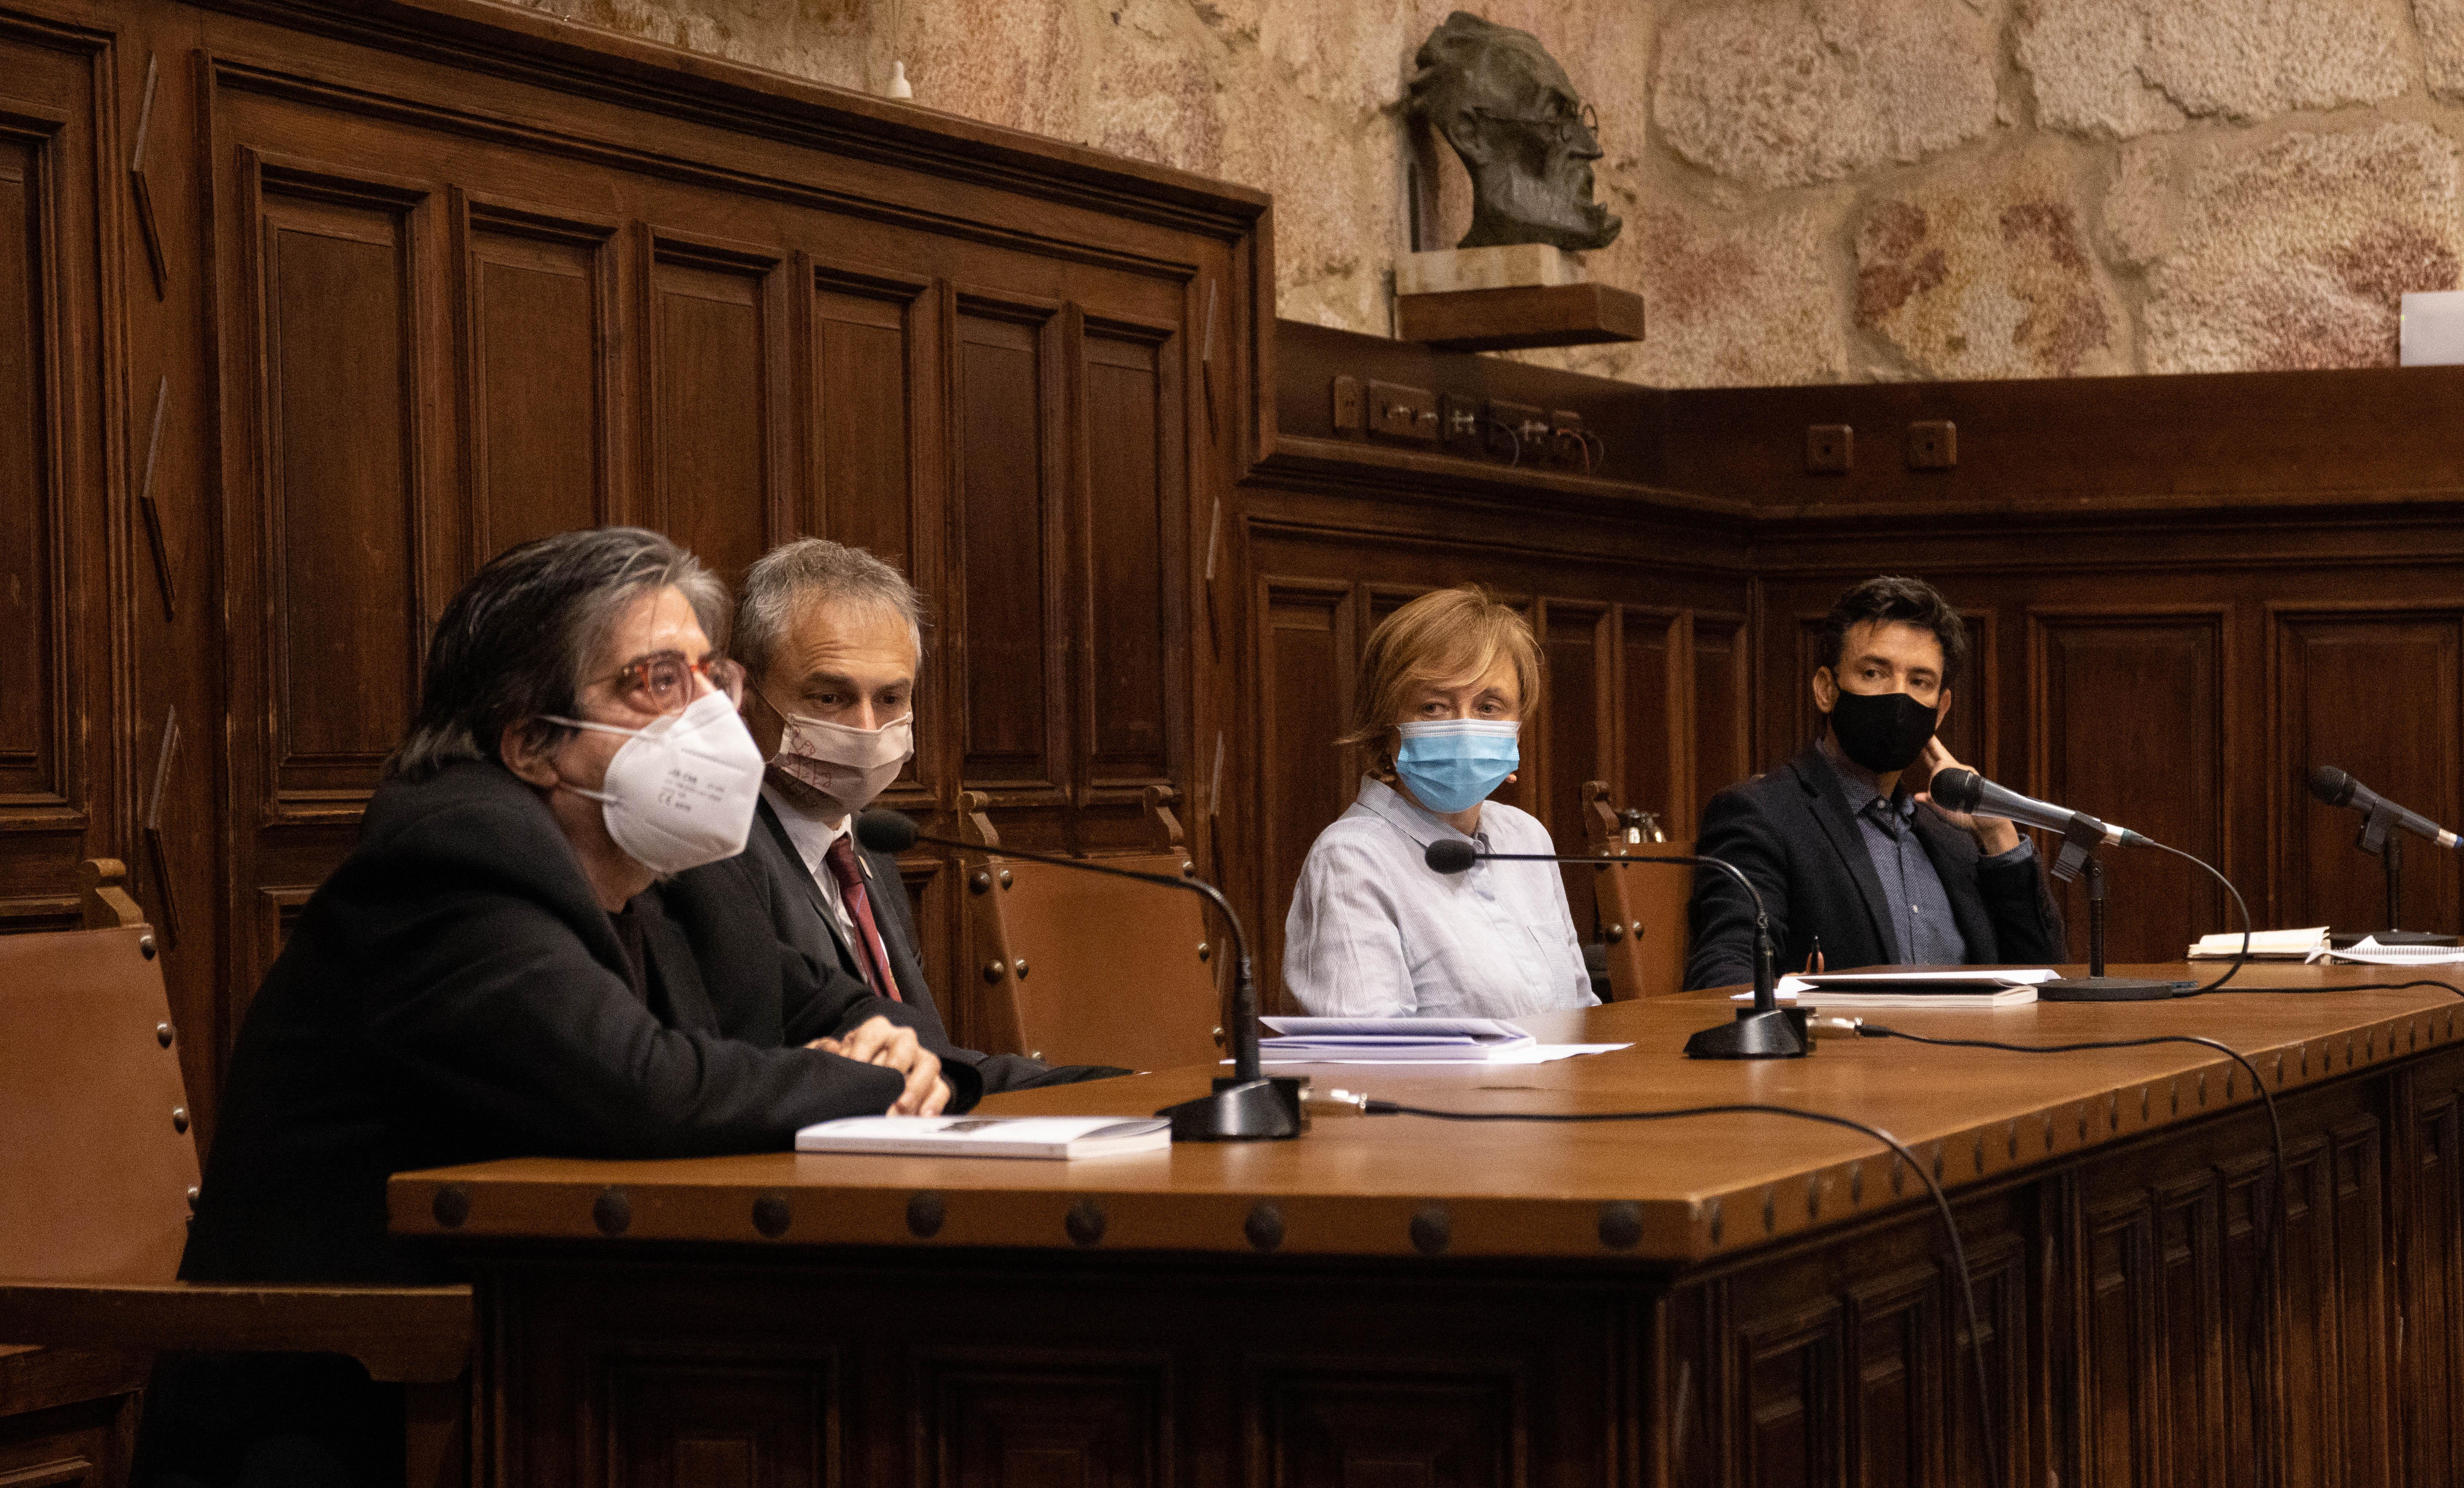 Luis G. Jambrina, Ricardo Rivero, Ana Chaguaceda y Manuel Menchón en la presentación del libro 'La doble muerte de Unamuno'